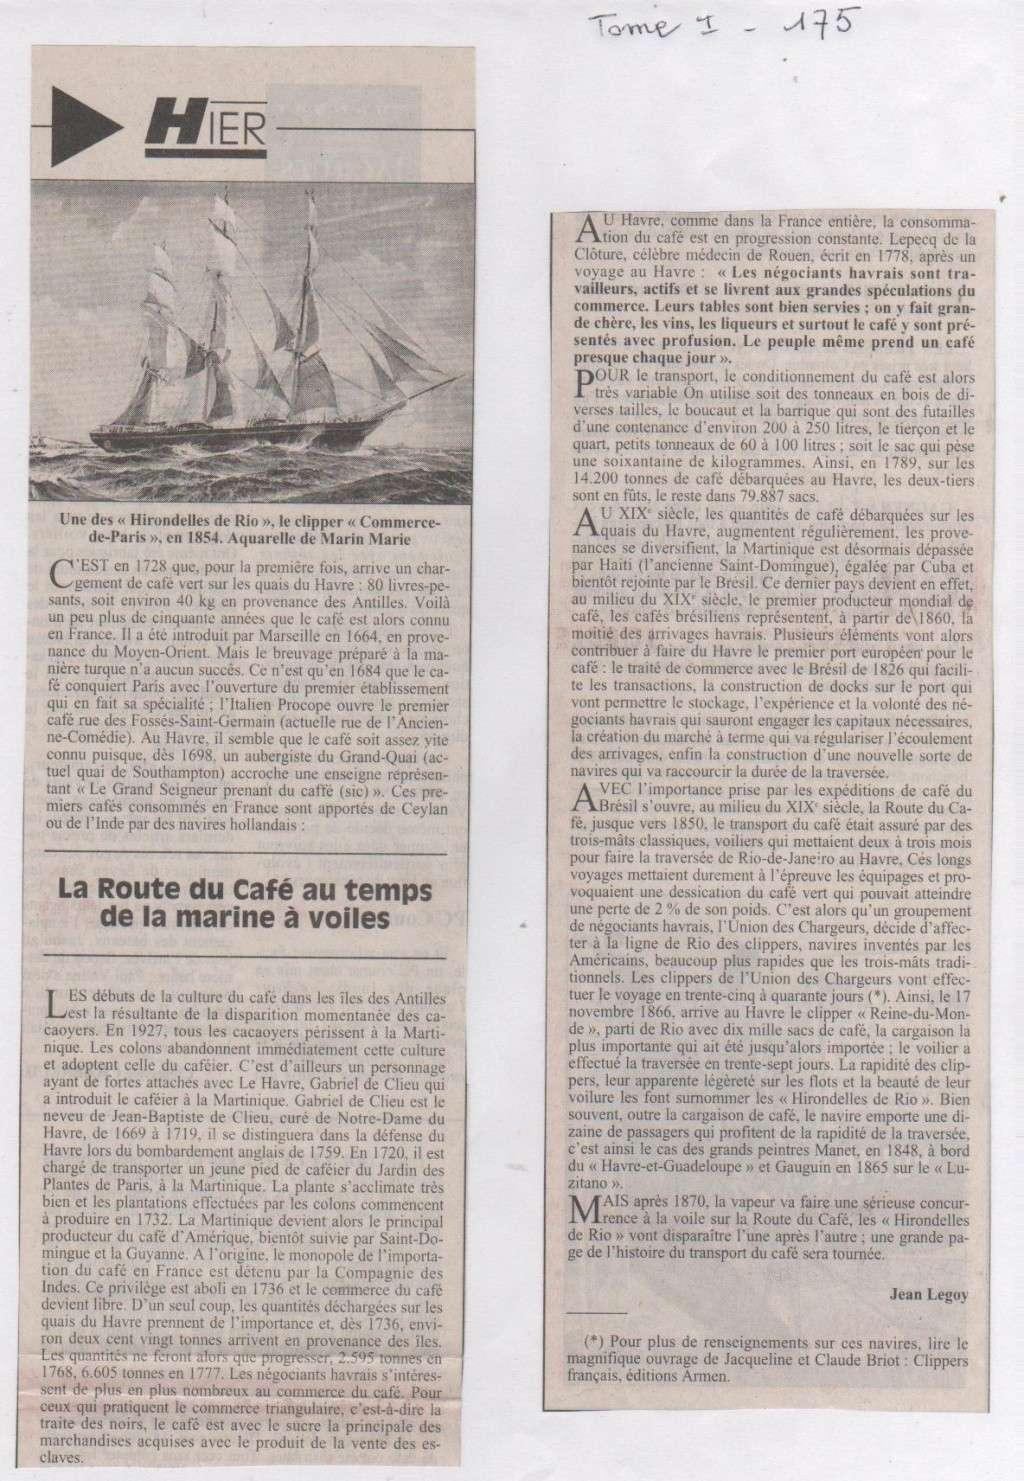 Hier, Le Havre par Jean LEGOY - Page 3 La_rou10